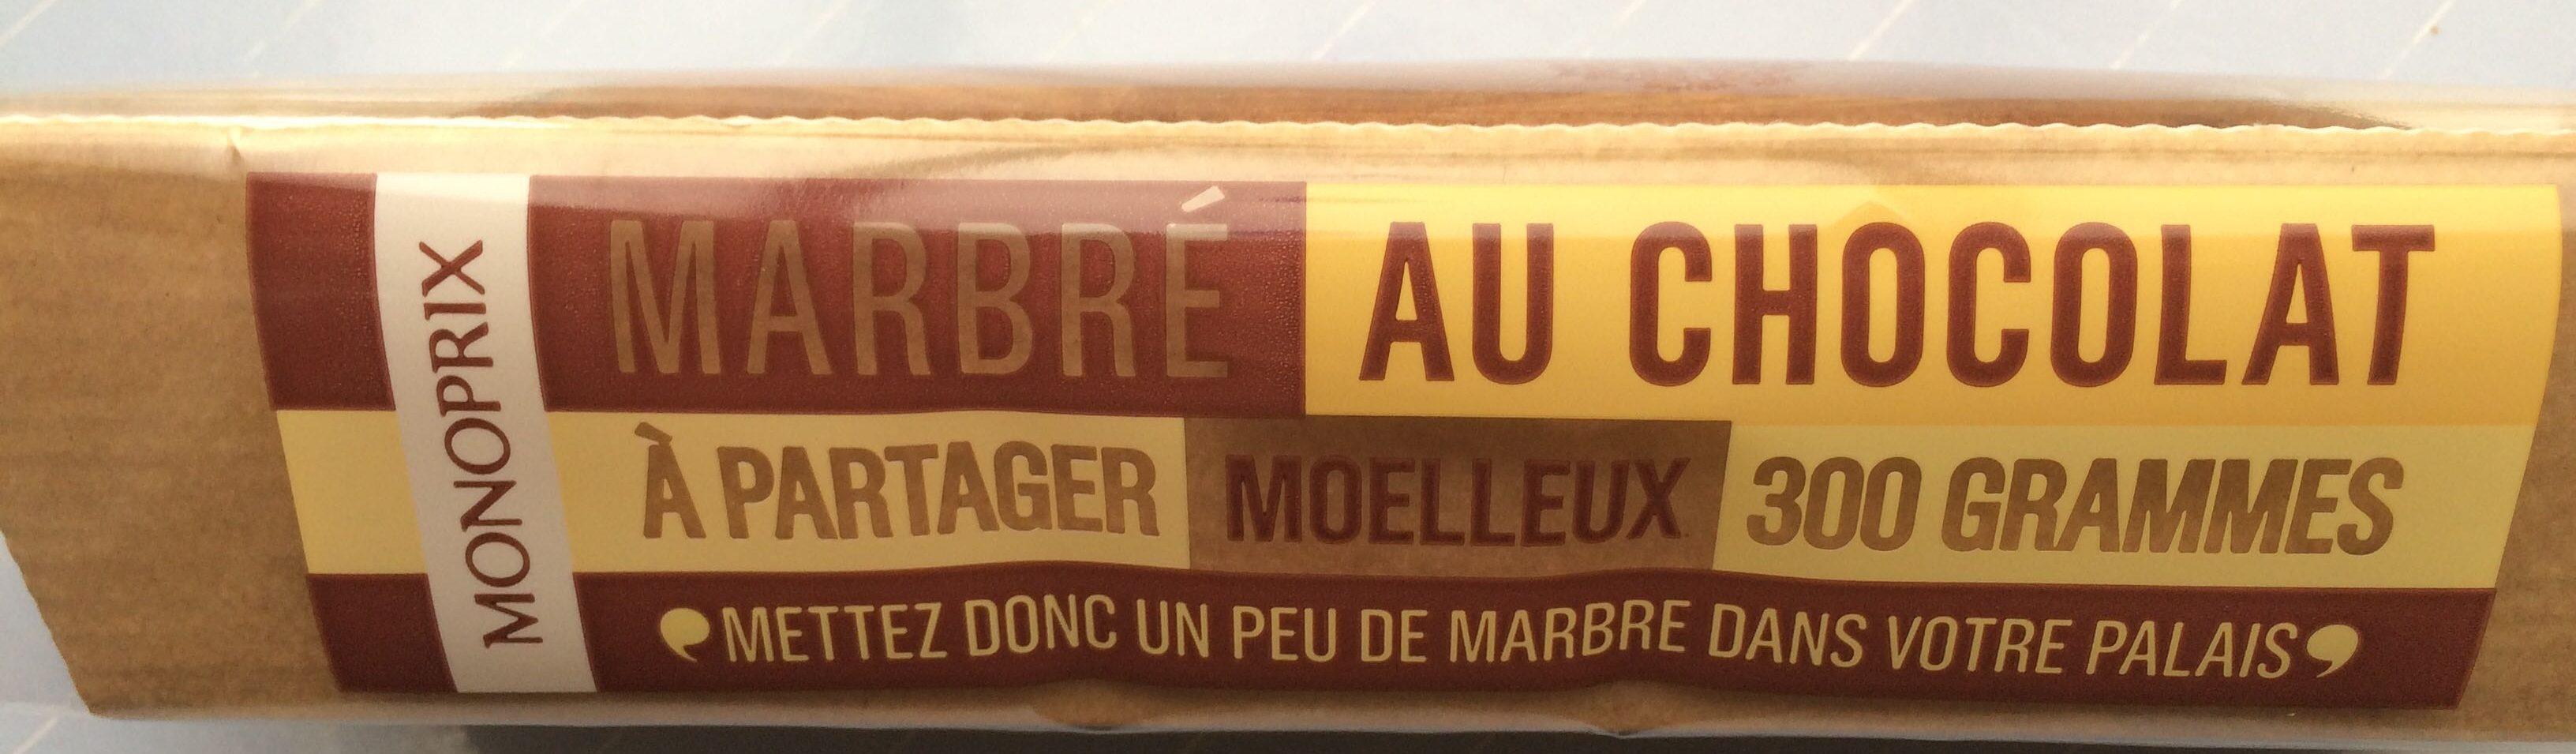 Marbré au chocolat - Product - fr